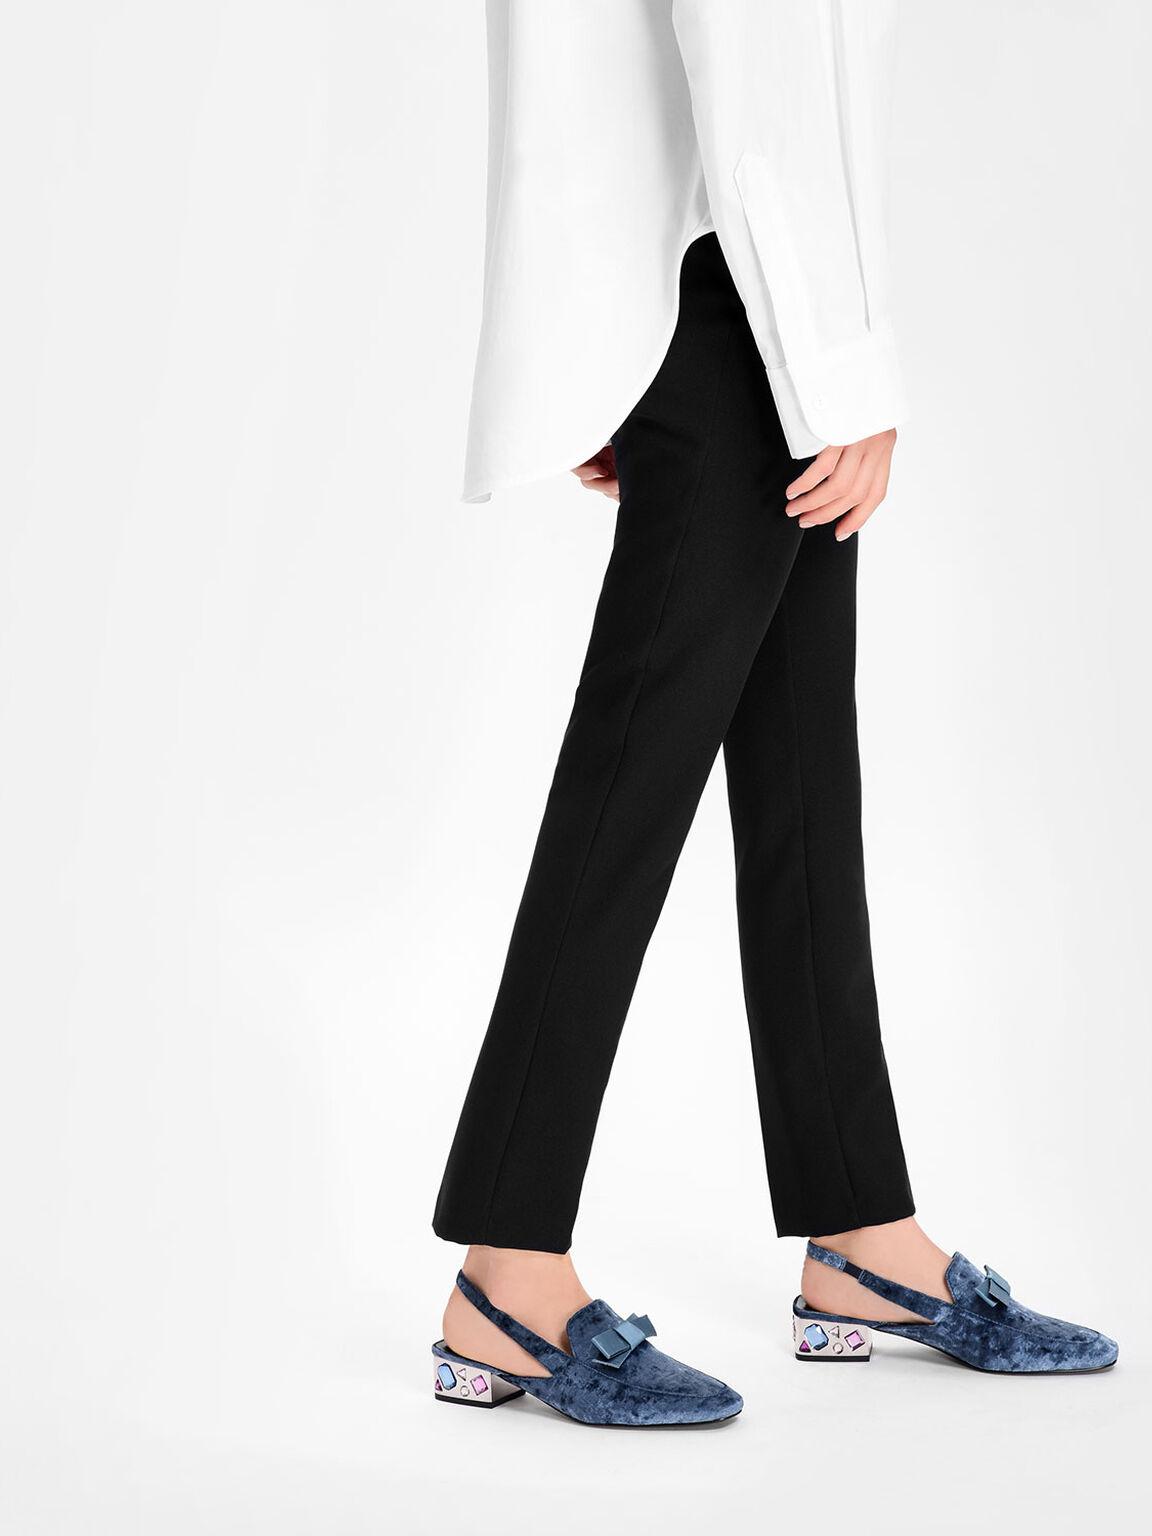 Embellished Heel Slingbacks, Blue, hi-res